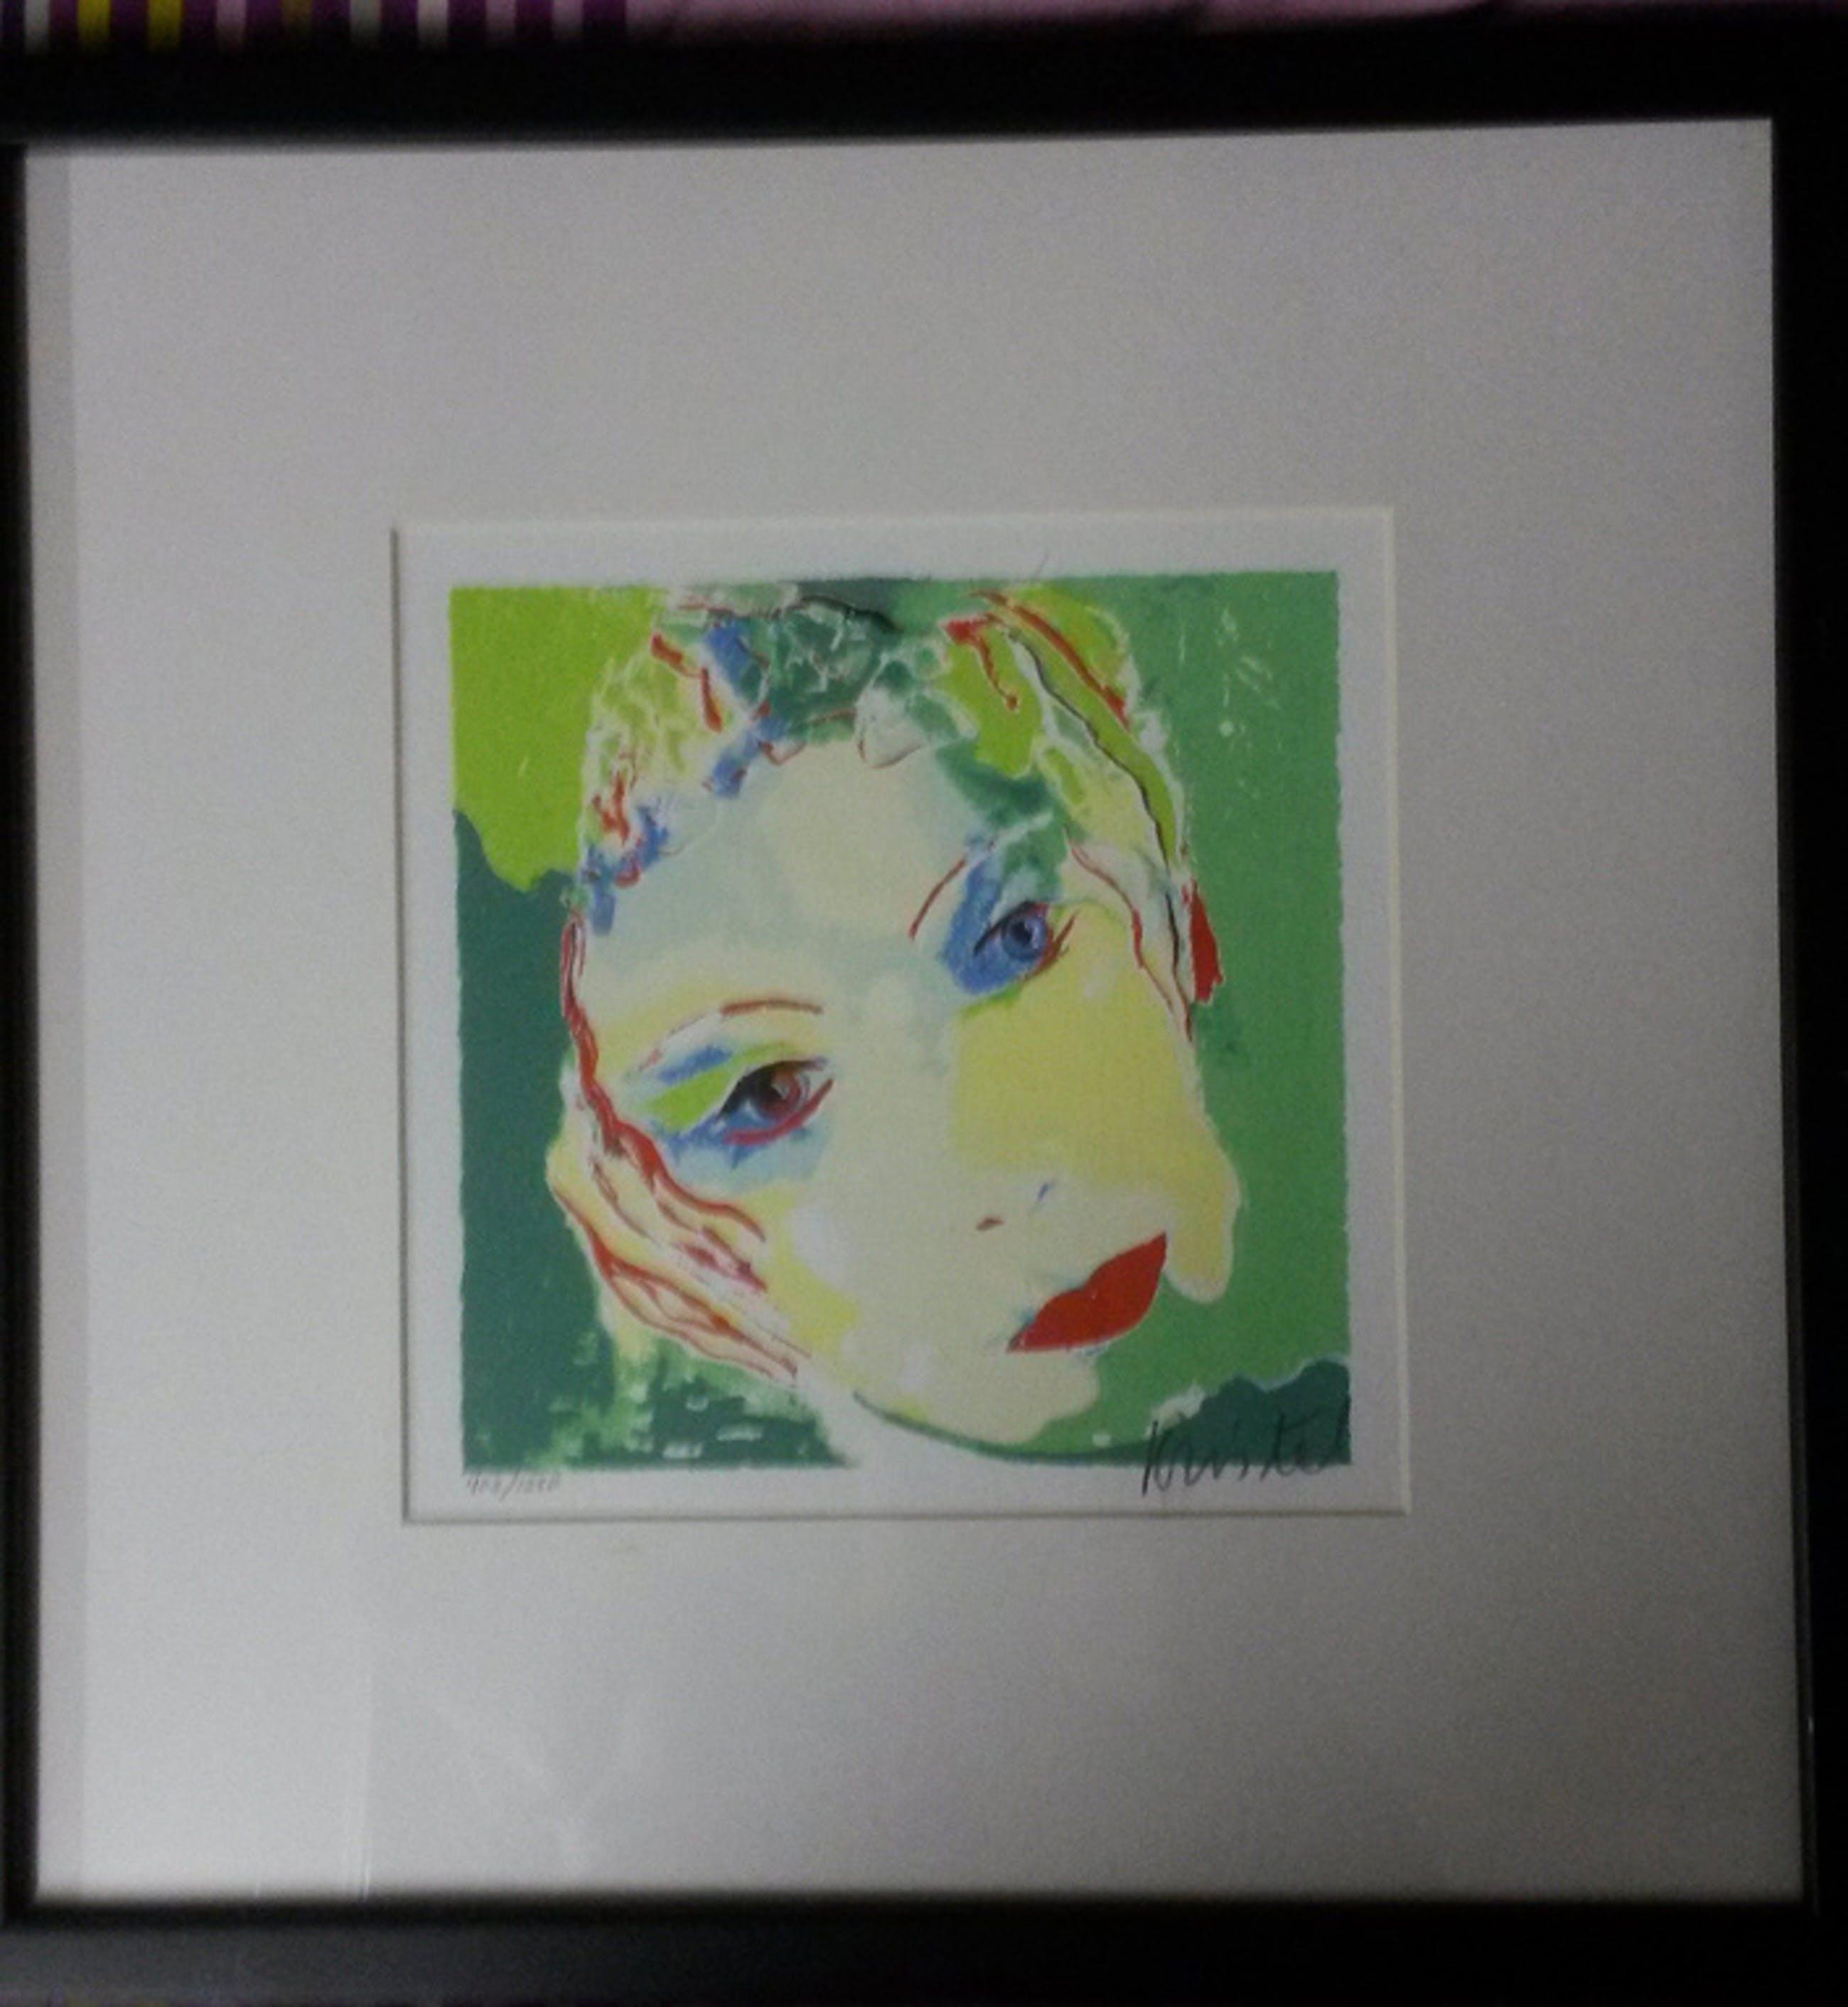 Sylvia Kristel - zeefdruk op papier - ingelijst - gesigneerd - oplage 1250 kopen? Bied vanaf 1!